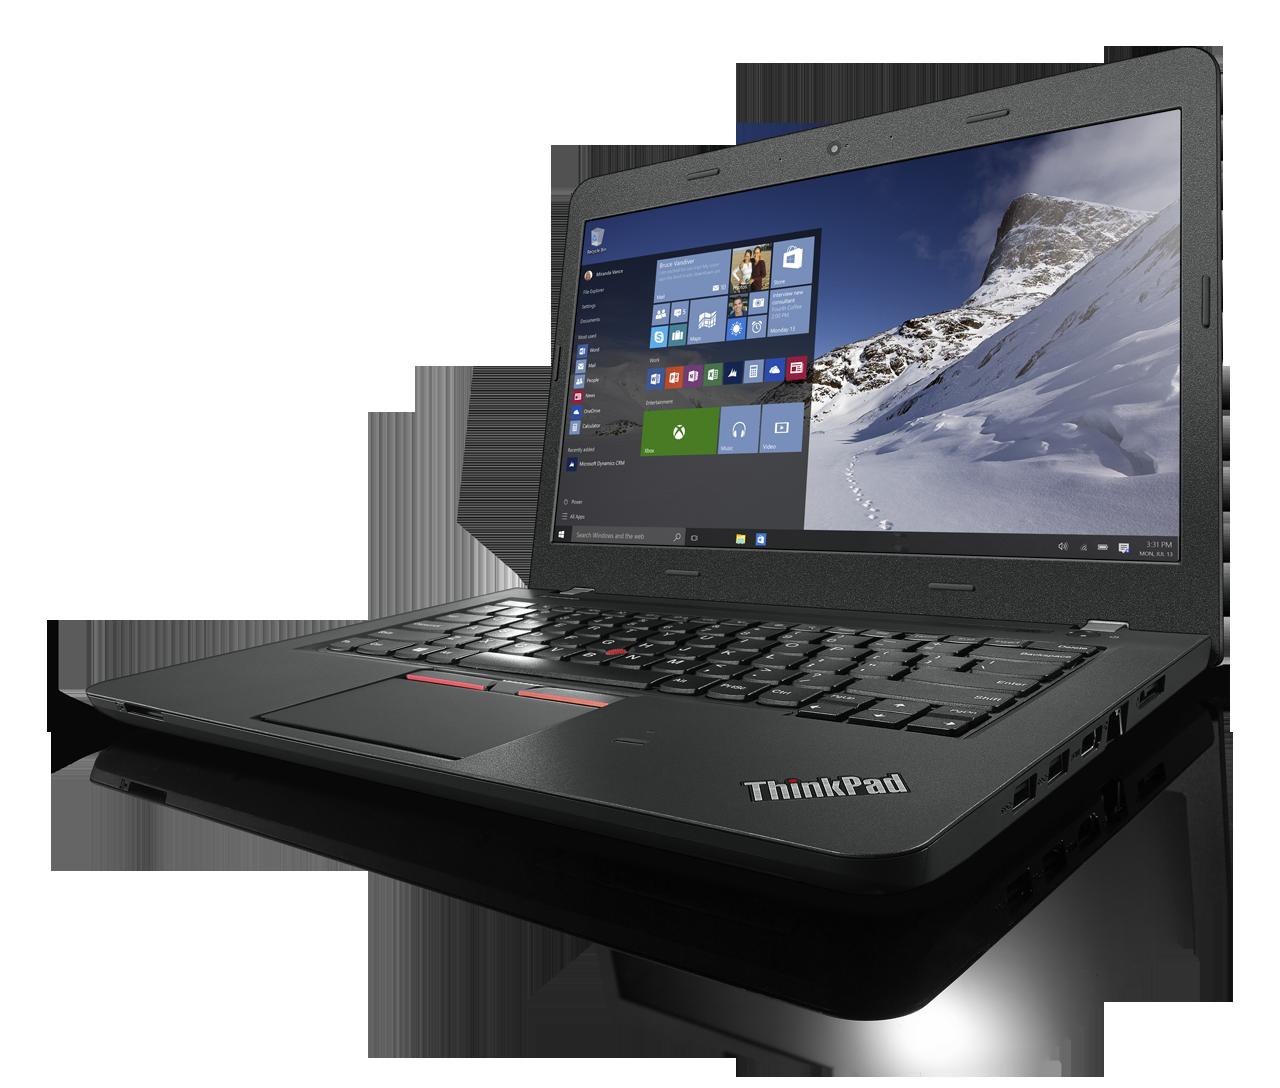 ThinkPad-E460-03